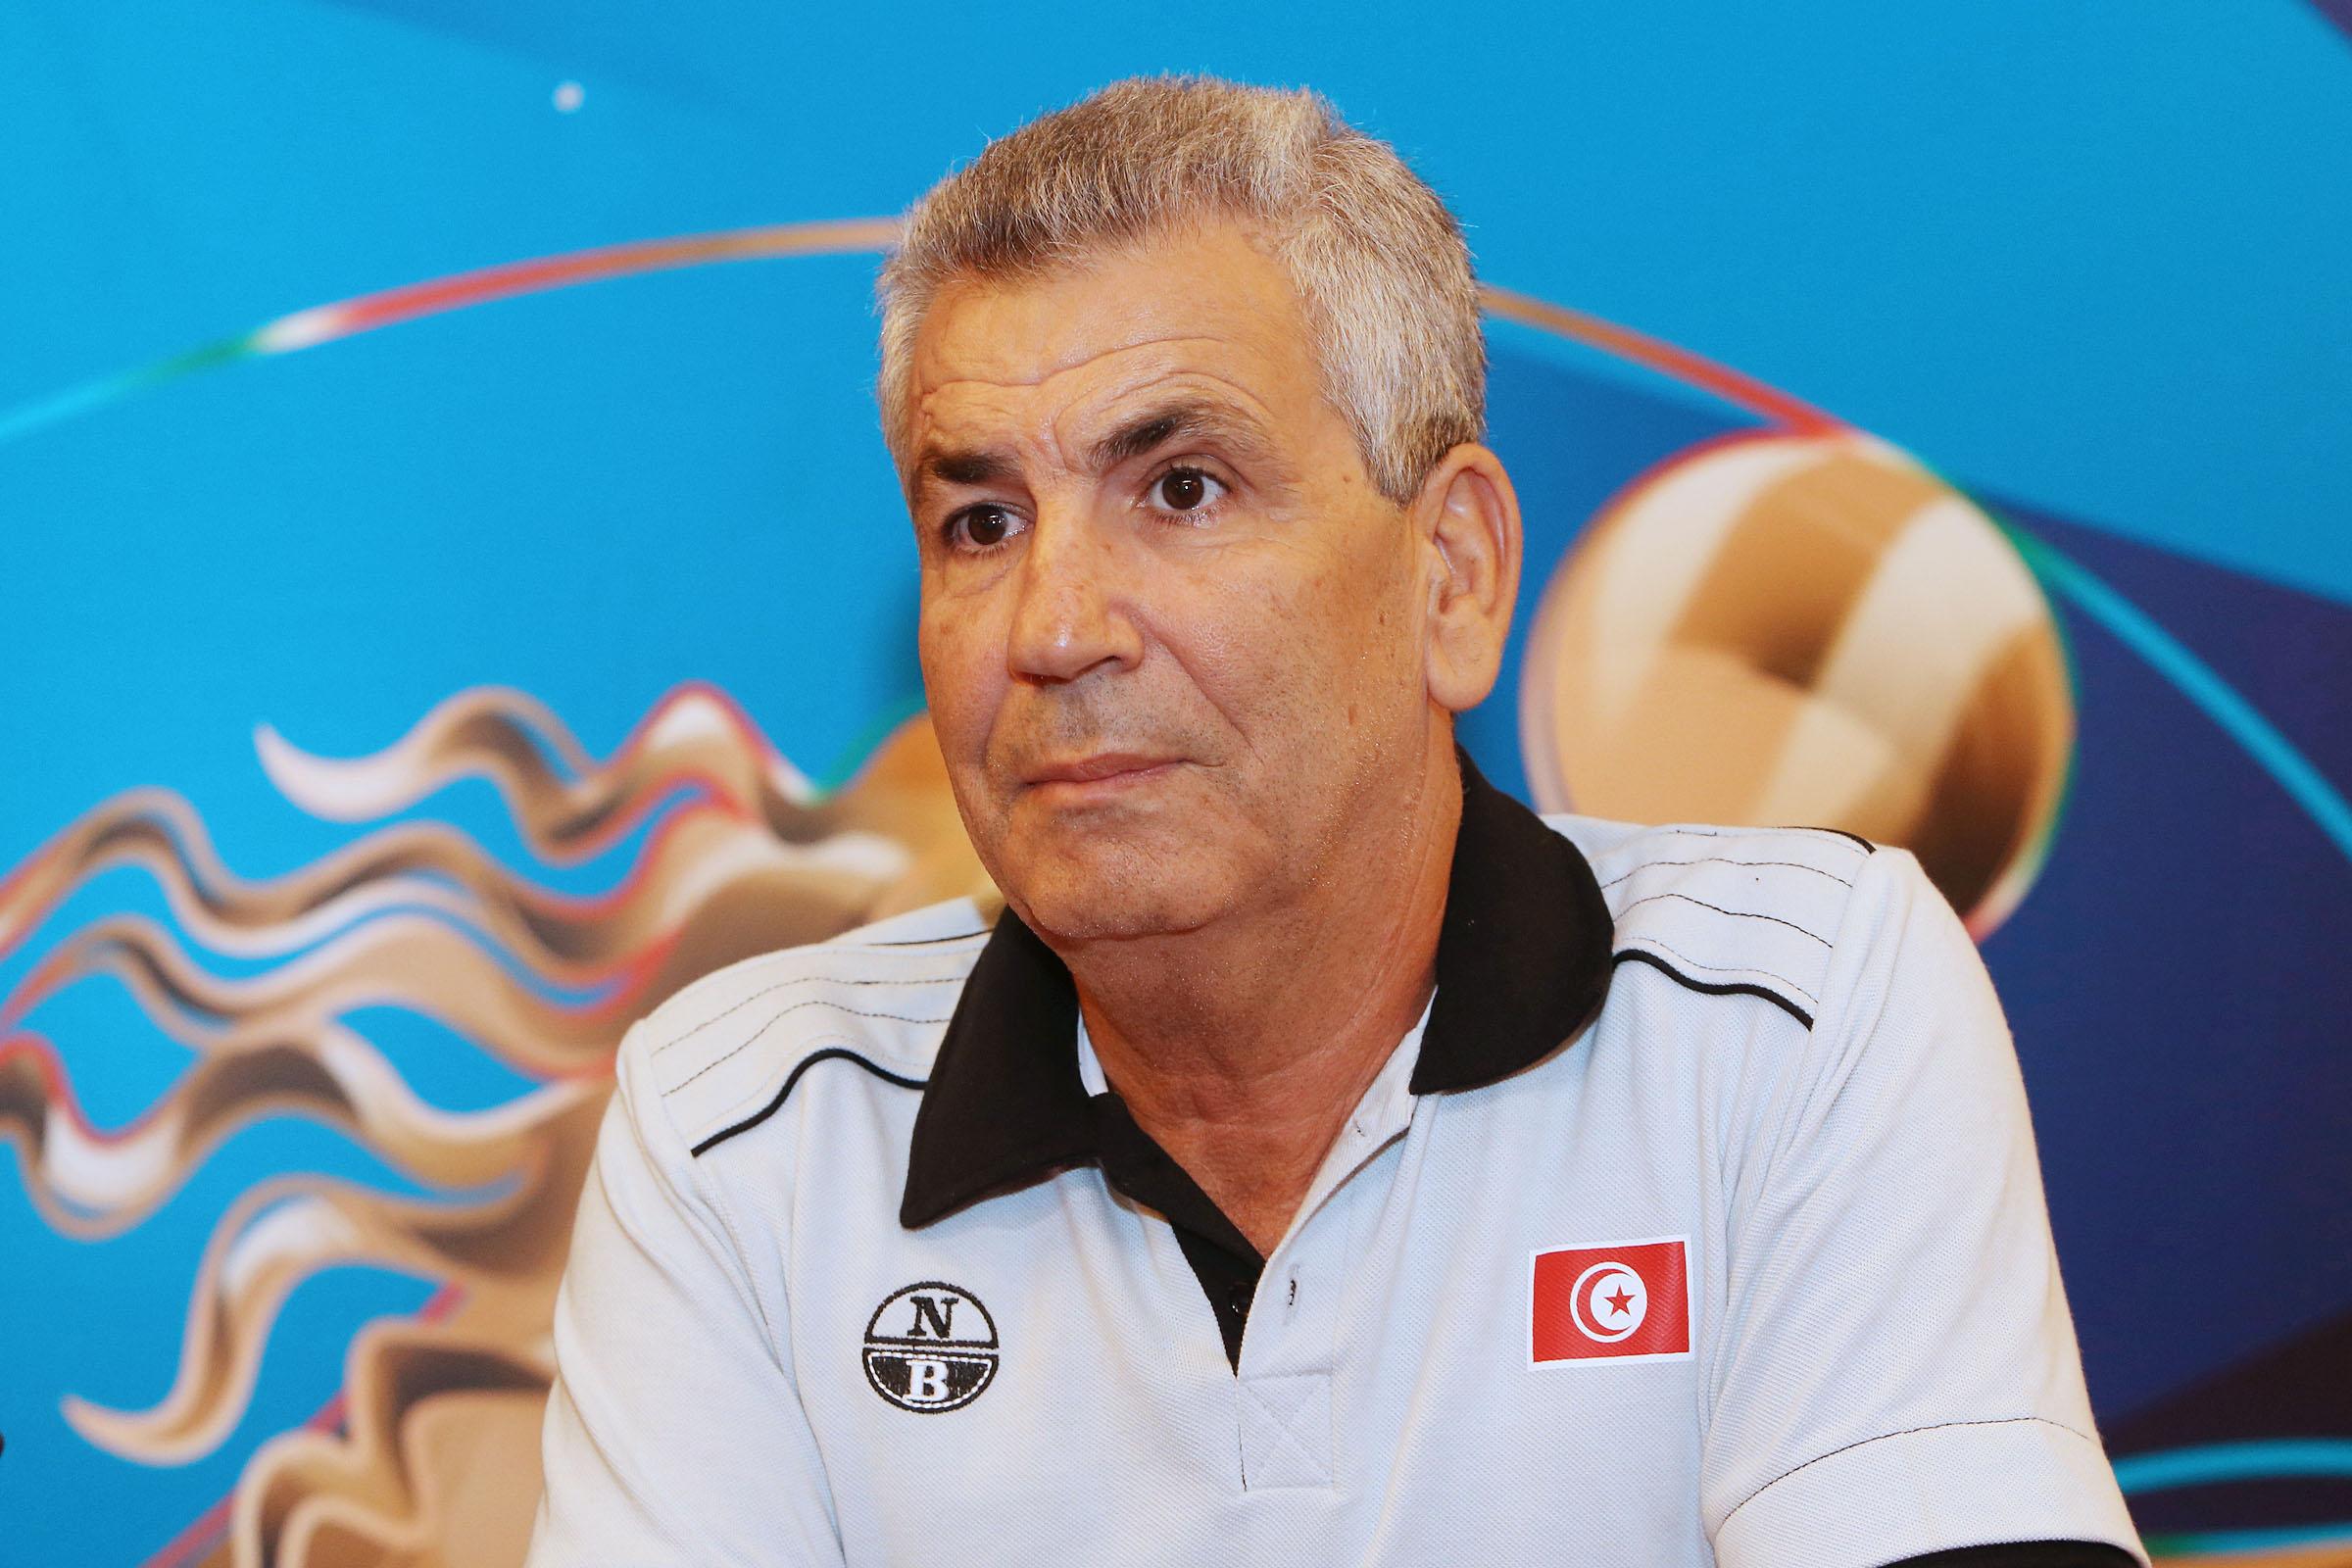 Mohamed Messelmani